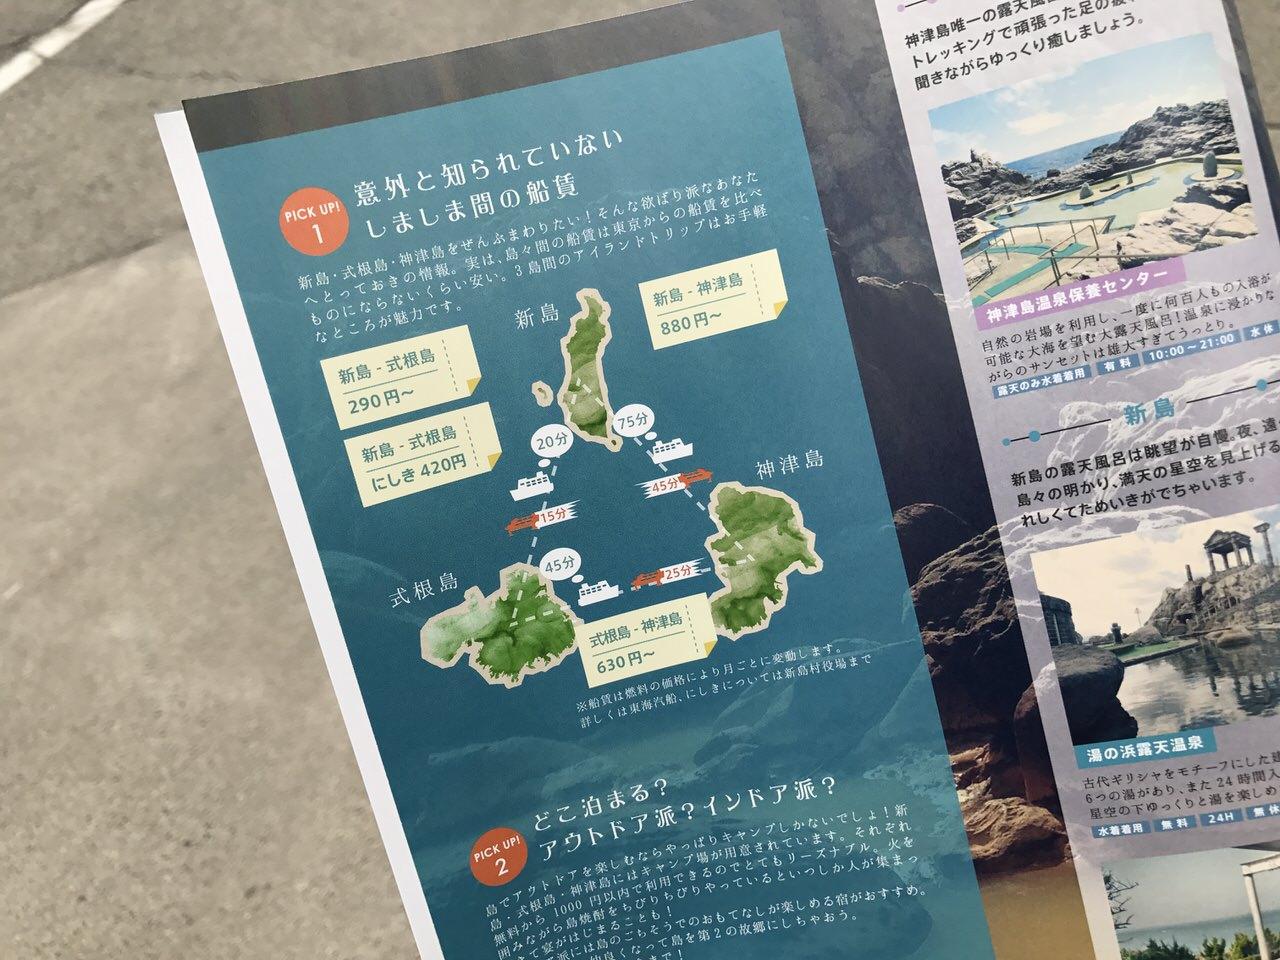 Niijima travel 2419